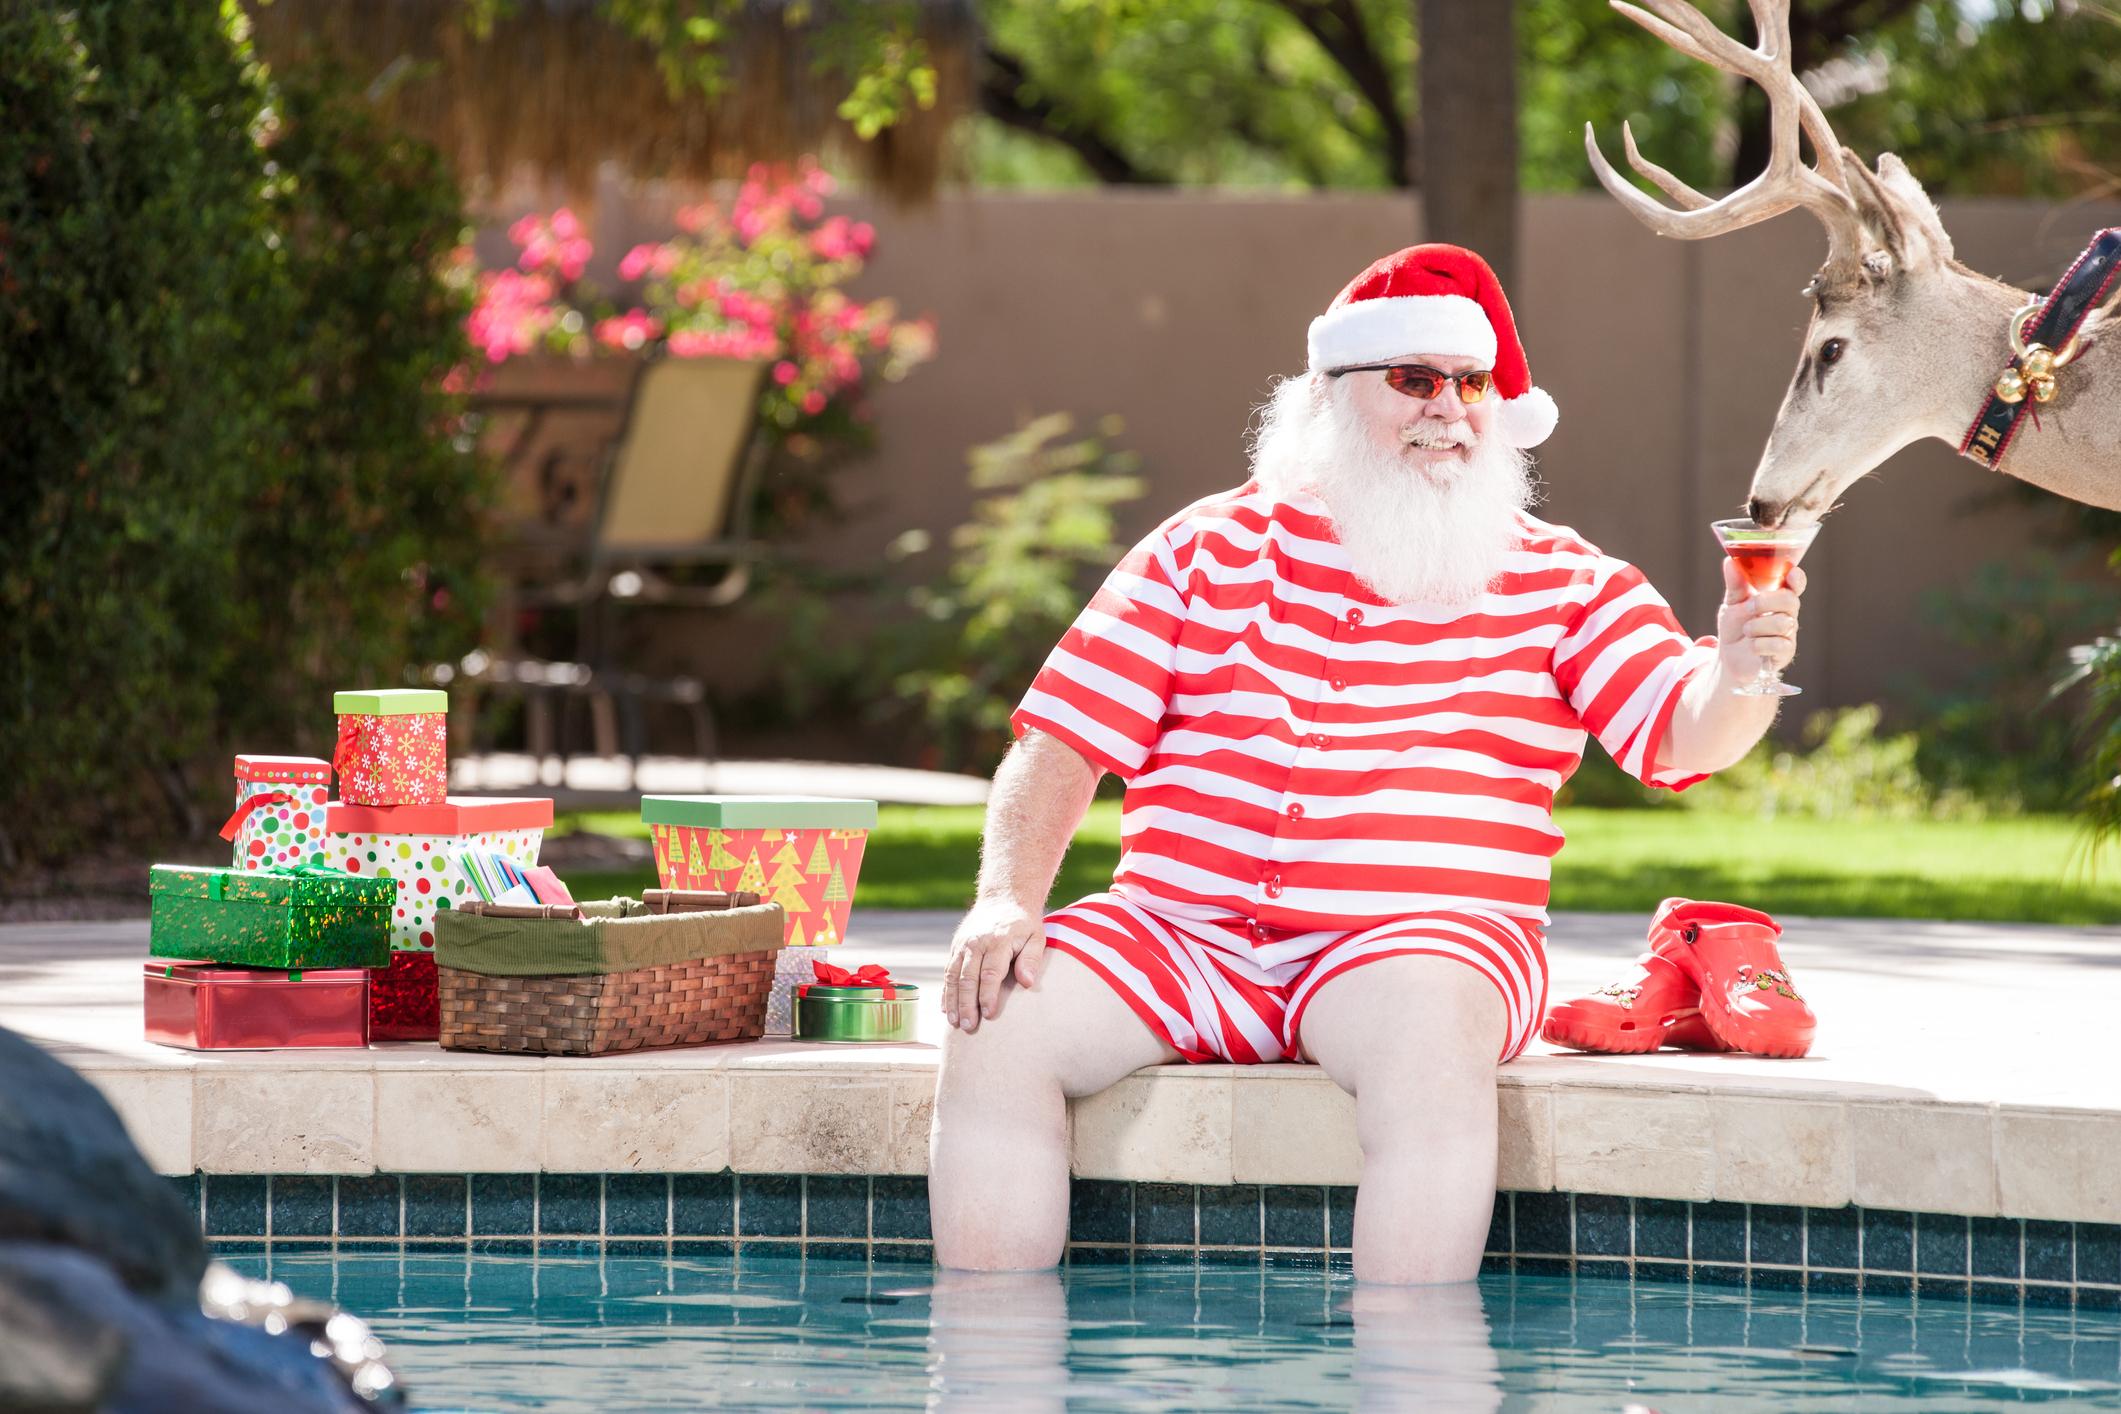 santa-by-pool.jpg